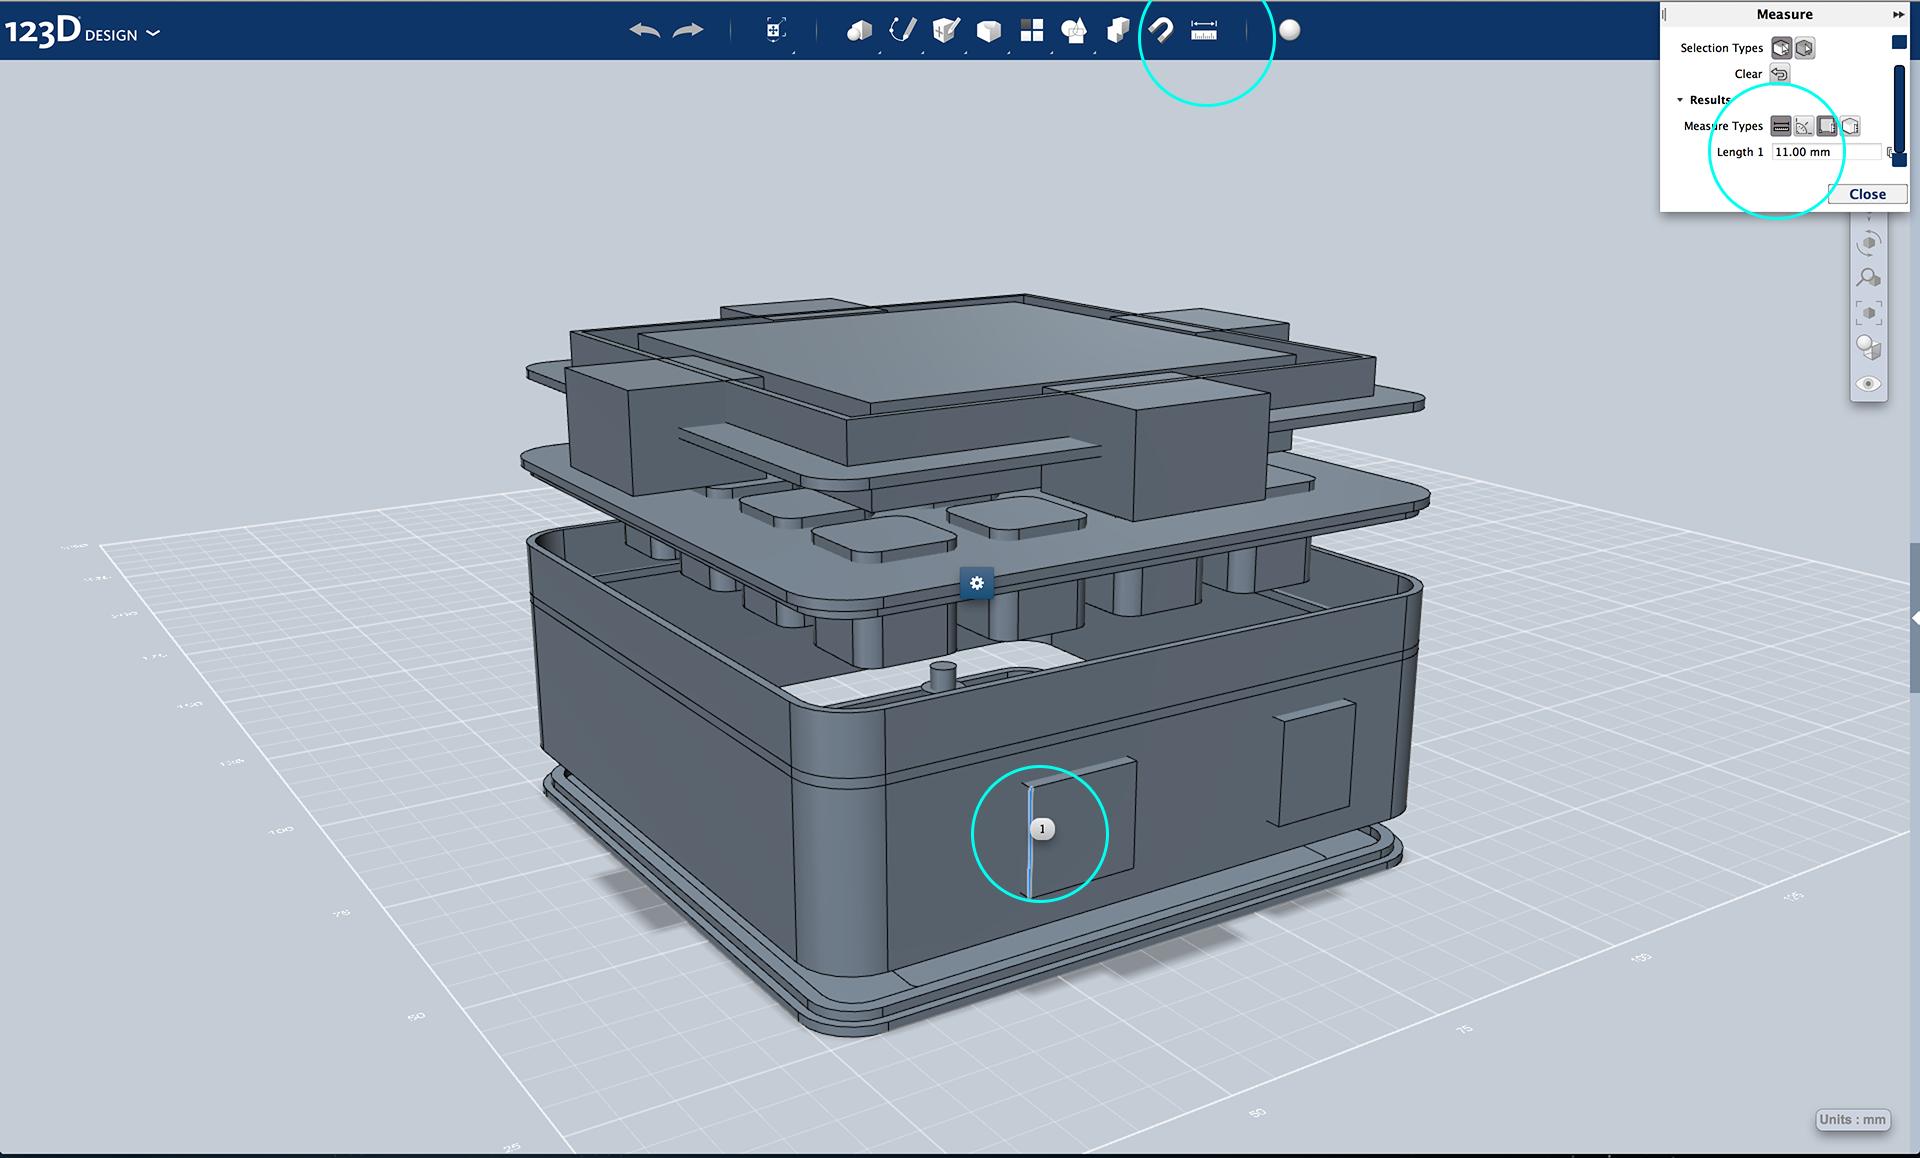 3d_printing_123d-measure.png